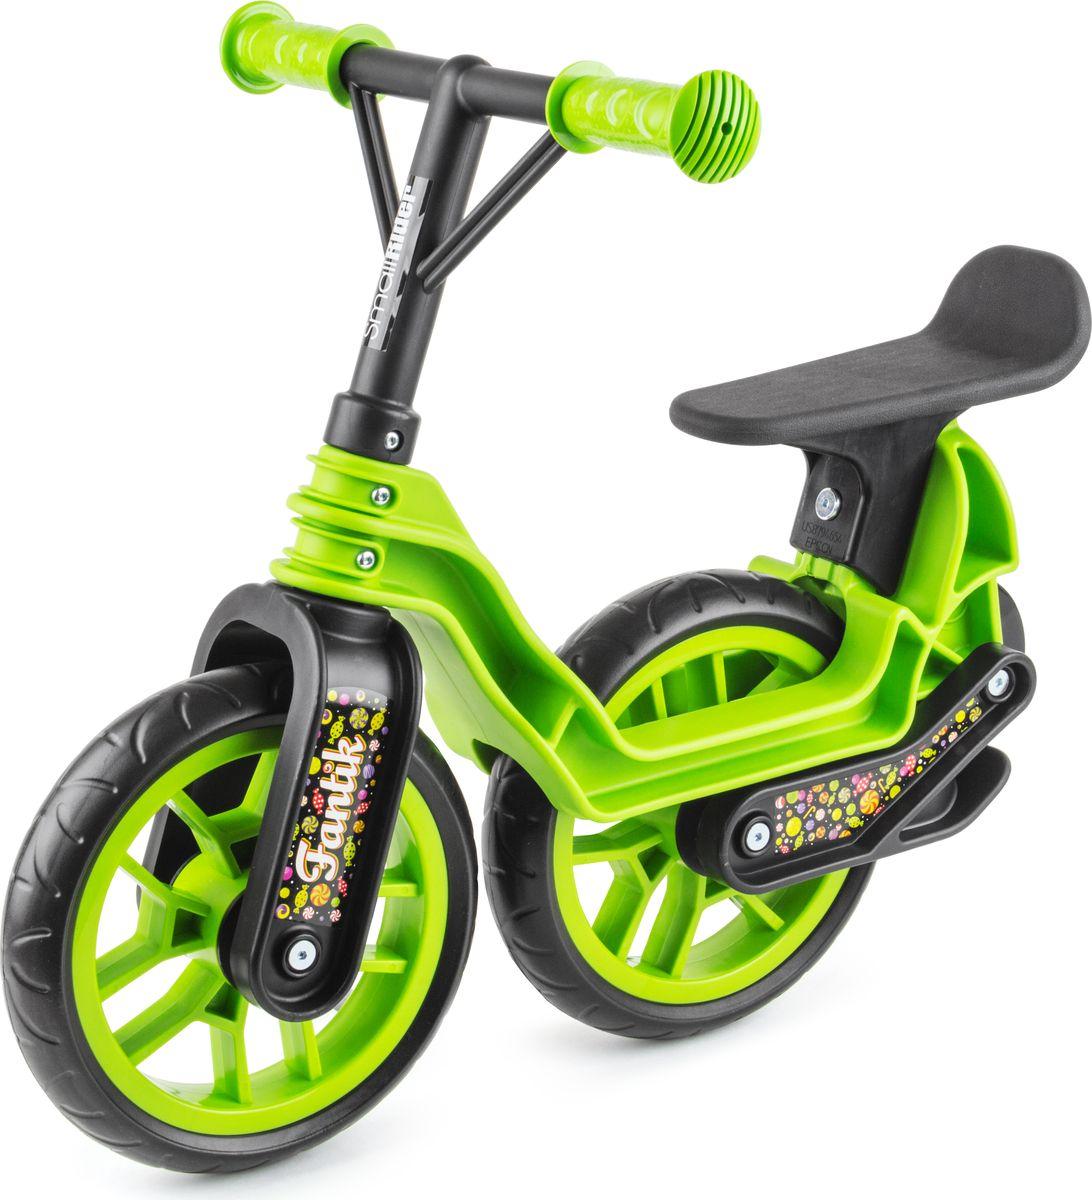 Small RiderБеговел Fantik цвет зеленый Small Rider